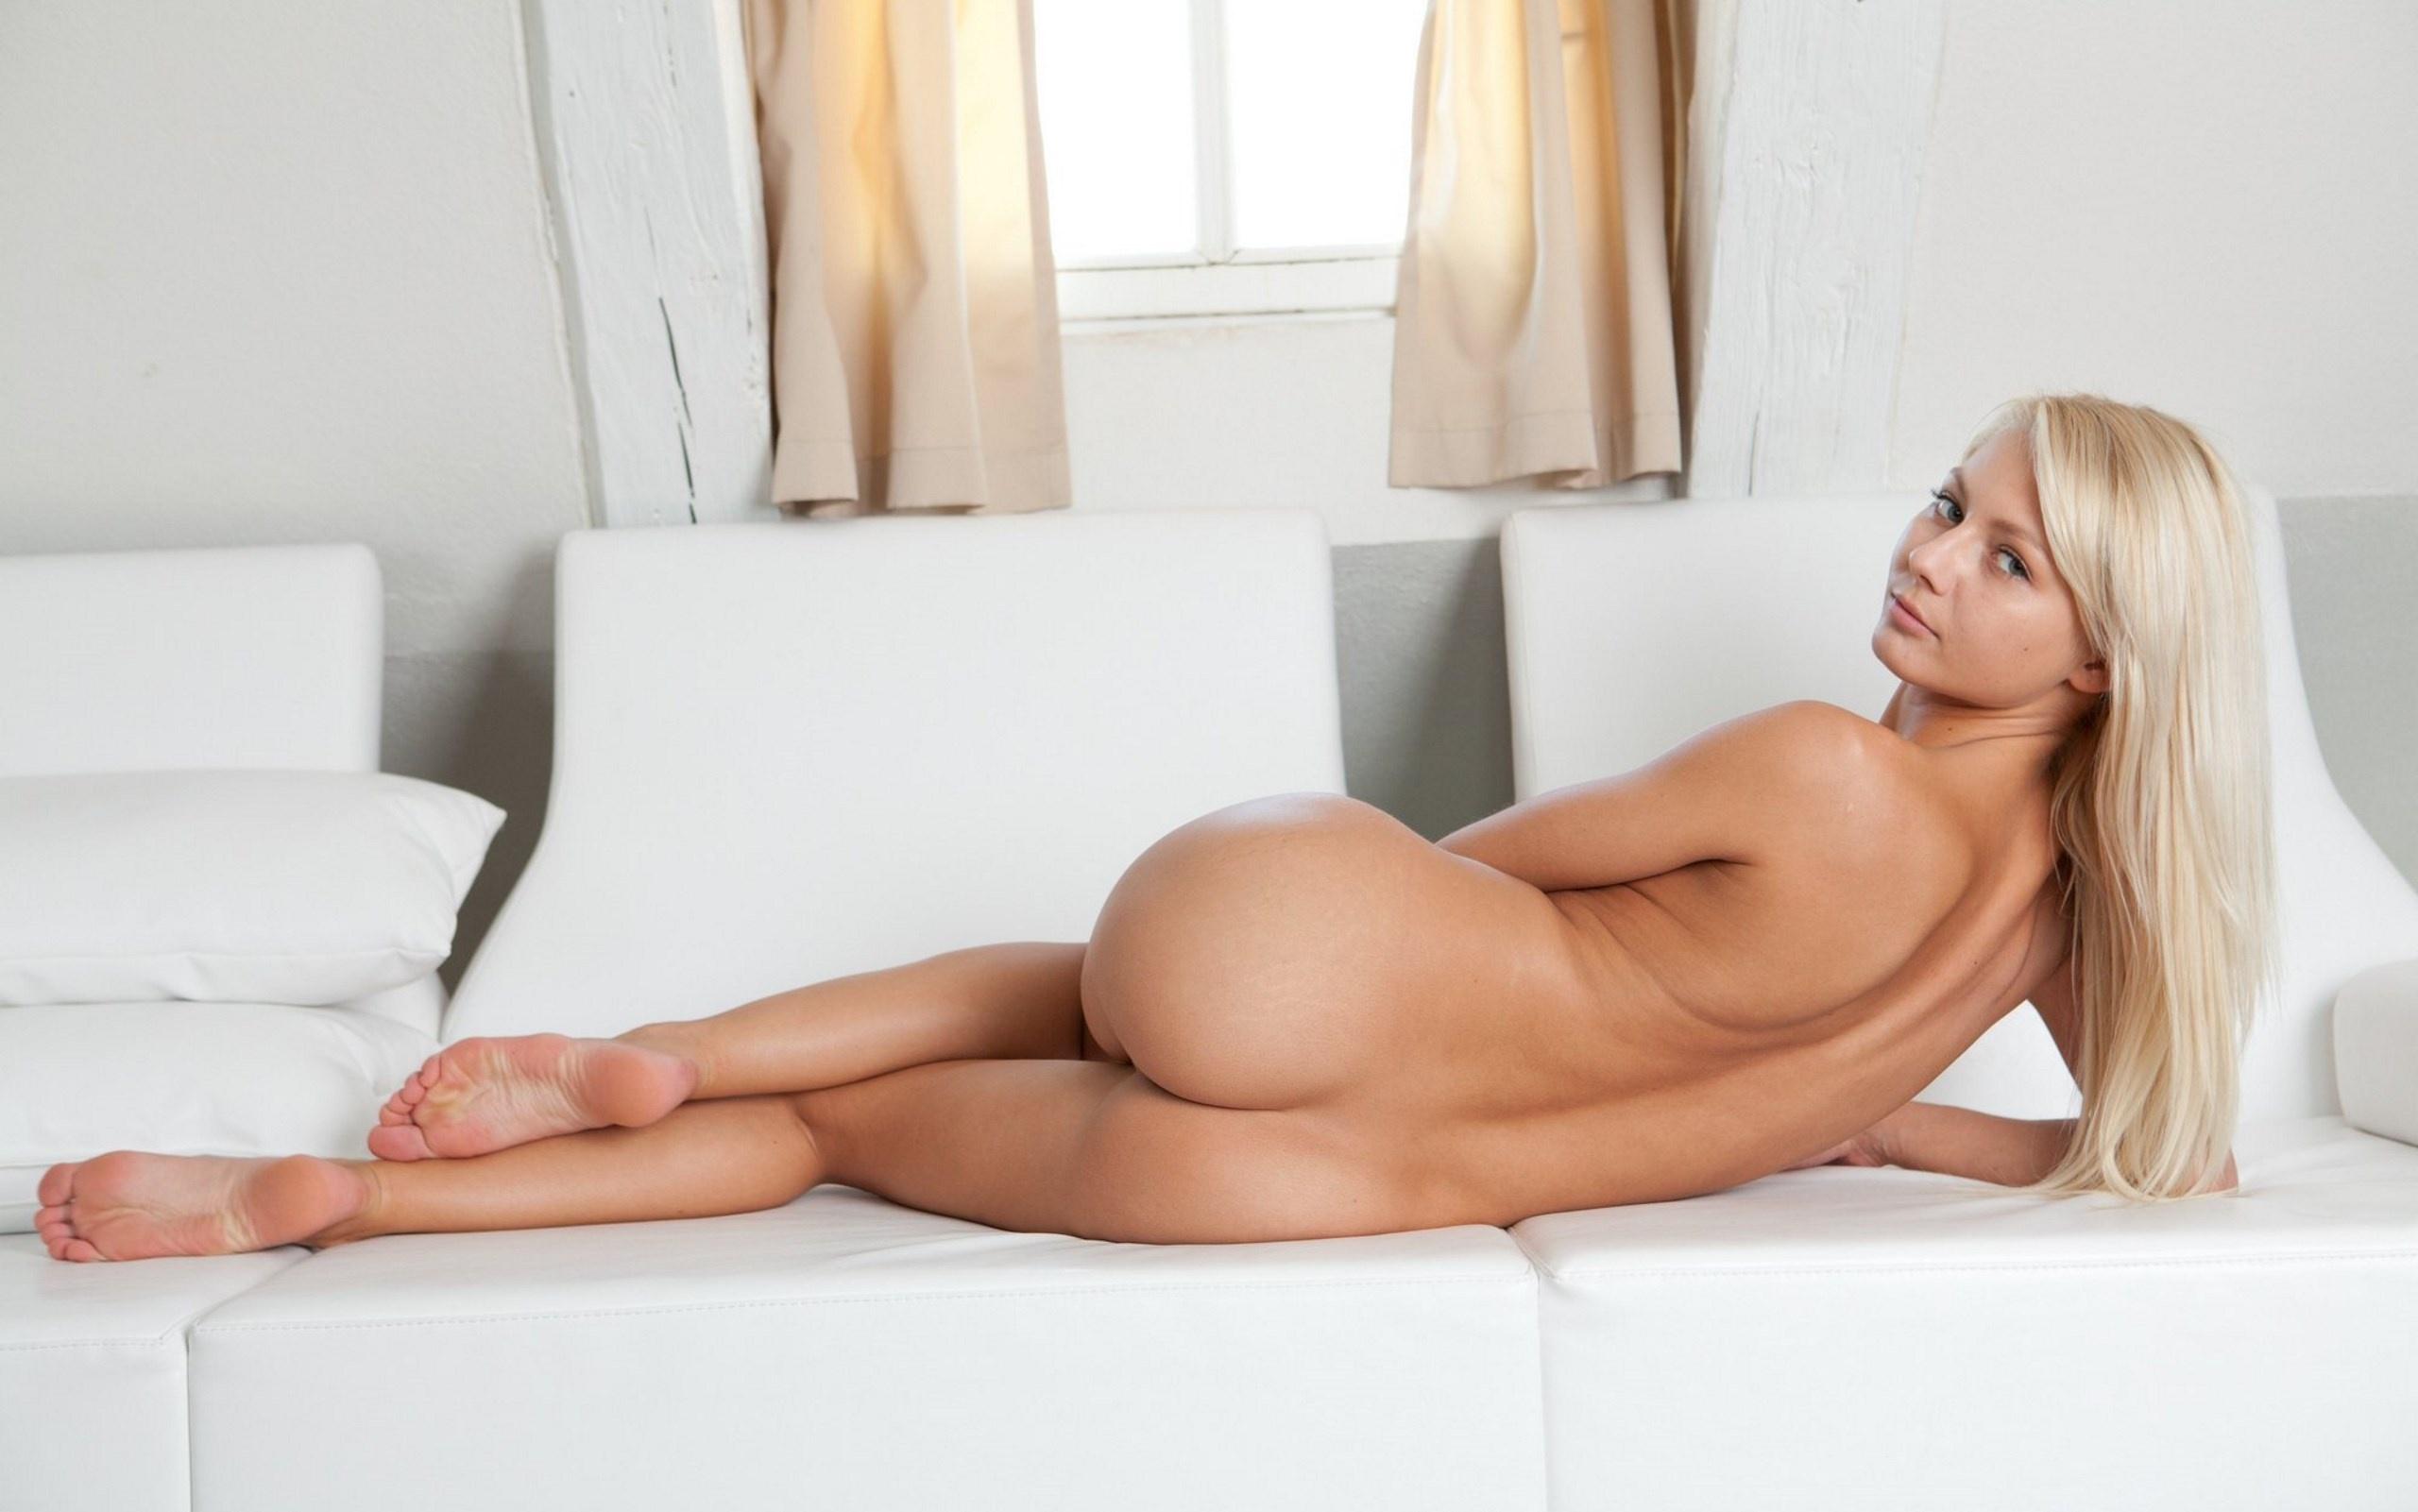 xxx beauty body pics